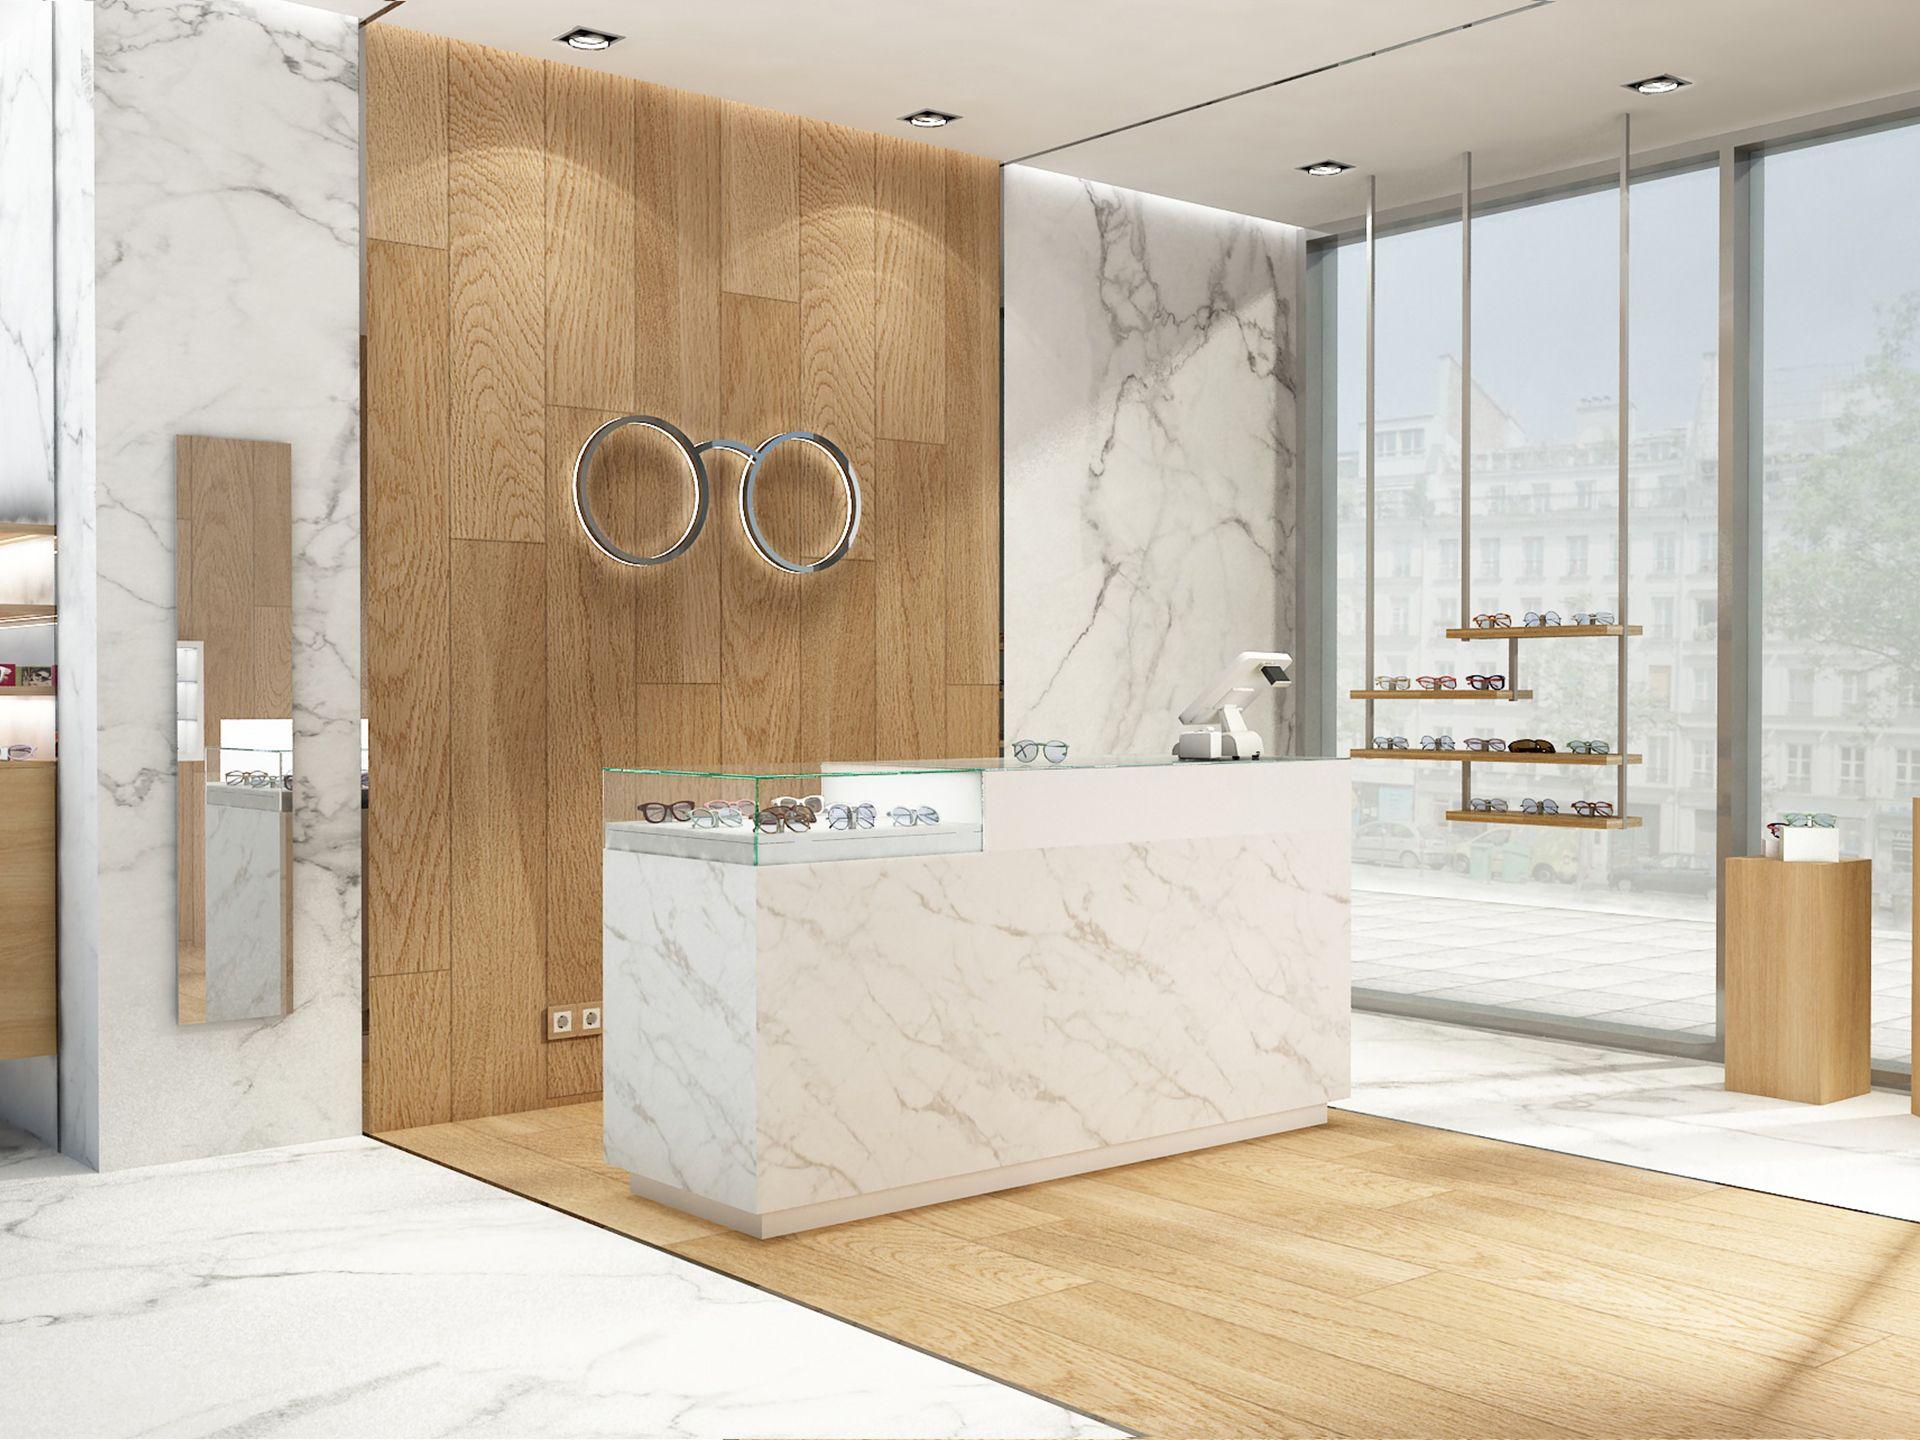 Le Comptoir D Style Classique Koolhaas Decoration Interieure Boutique Design D Interieur Boutique Decoration Bureau